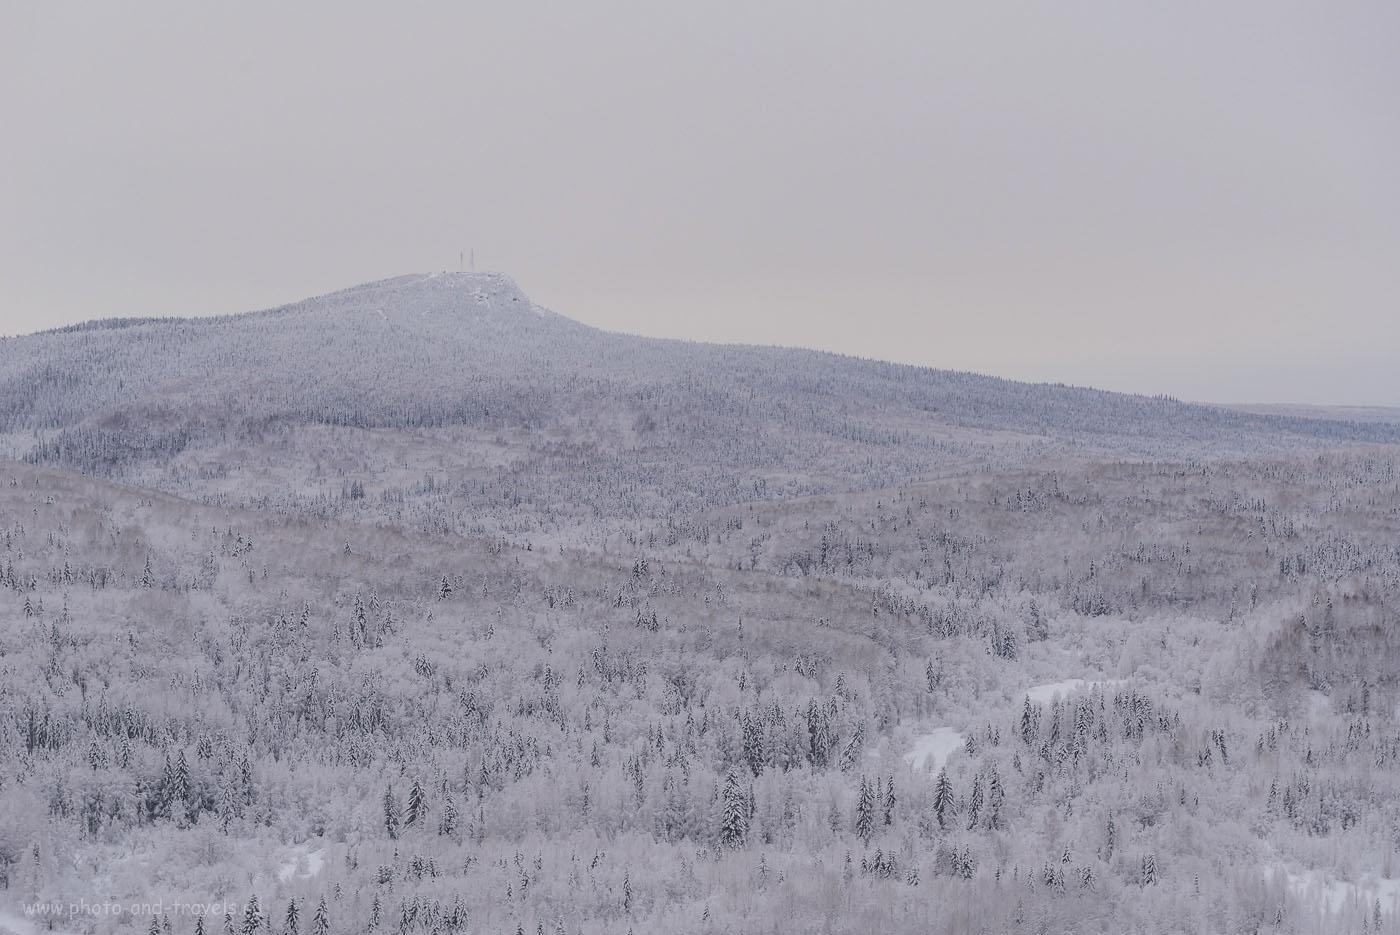 Фотография 26. Полюдов камень зимой. Вид со скалы Ветлан. 1/50, +1.33, 8.0, 400, 42.